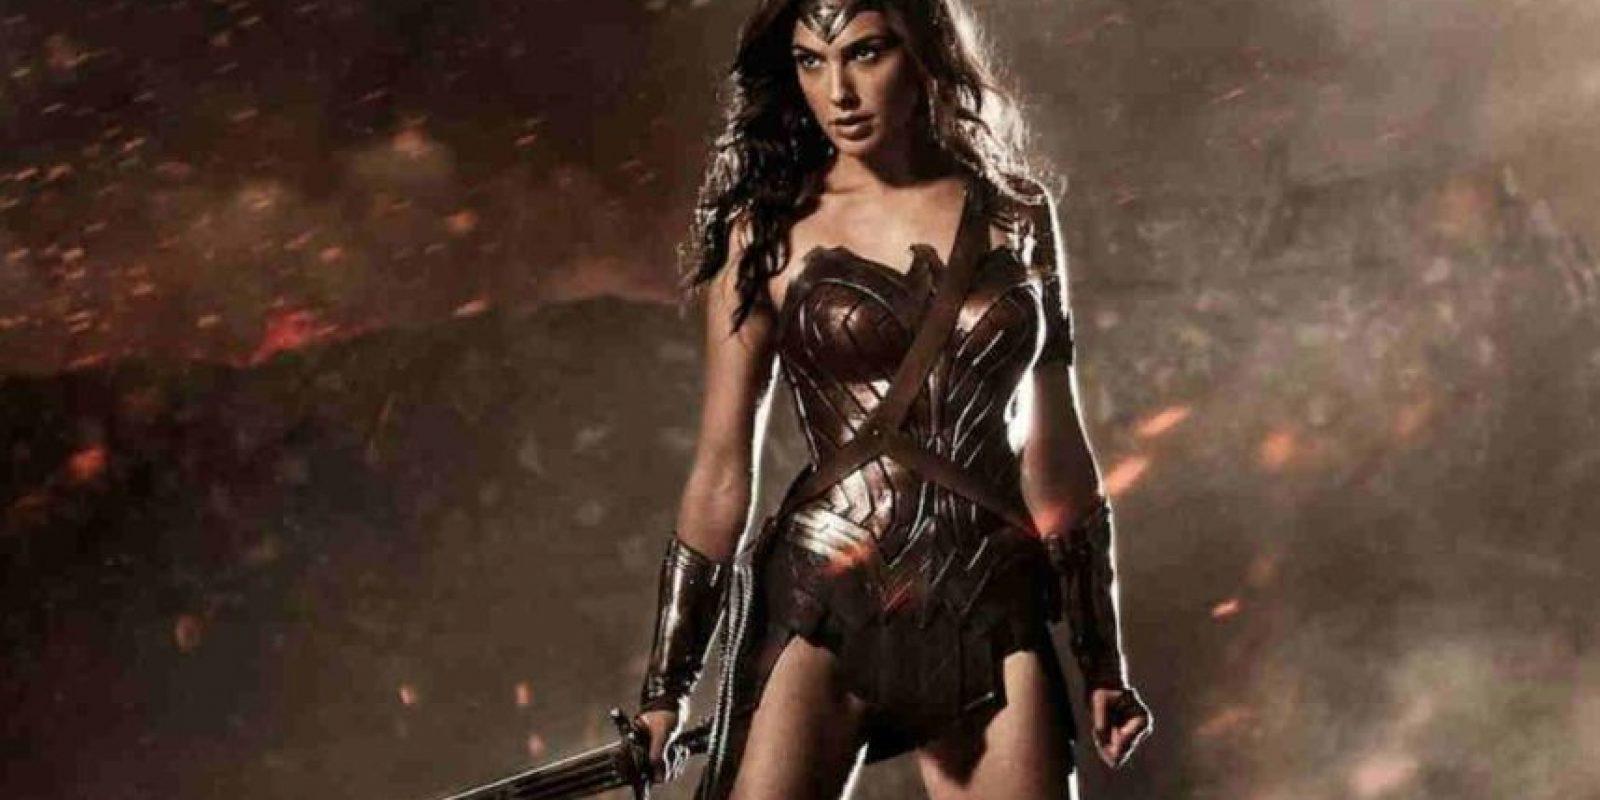 Los trajes de los superhéroes de DC y Marvel son muy representativos. Foto:DC